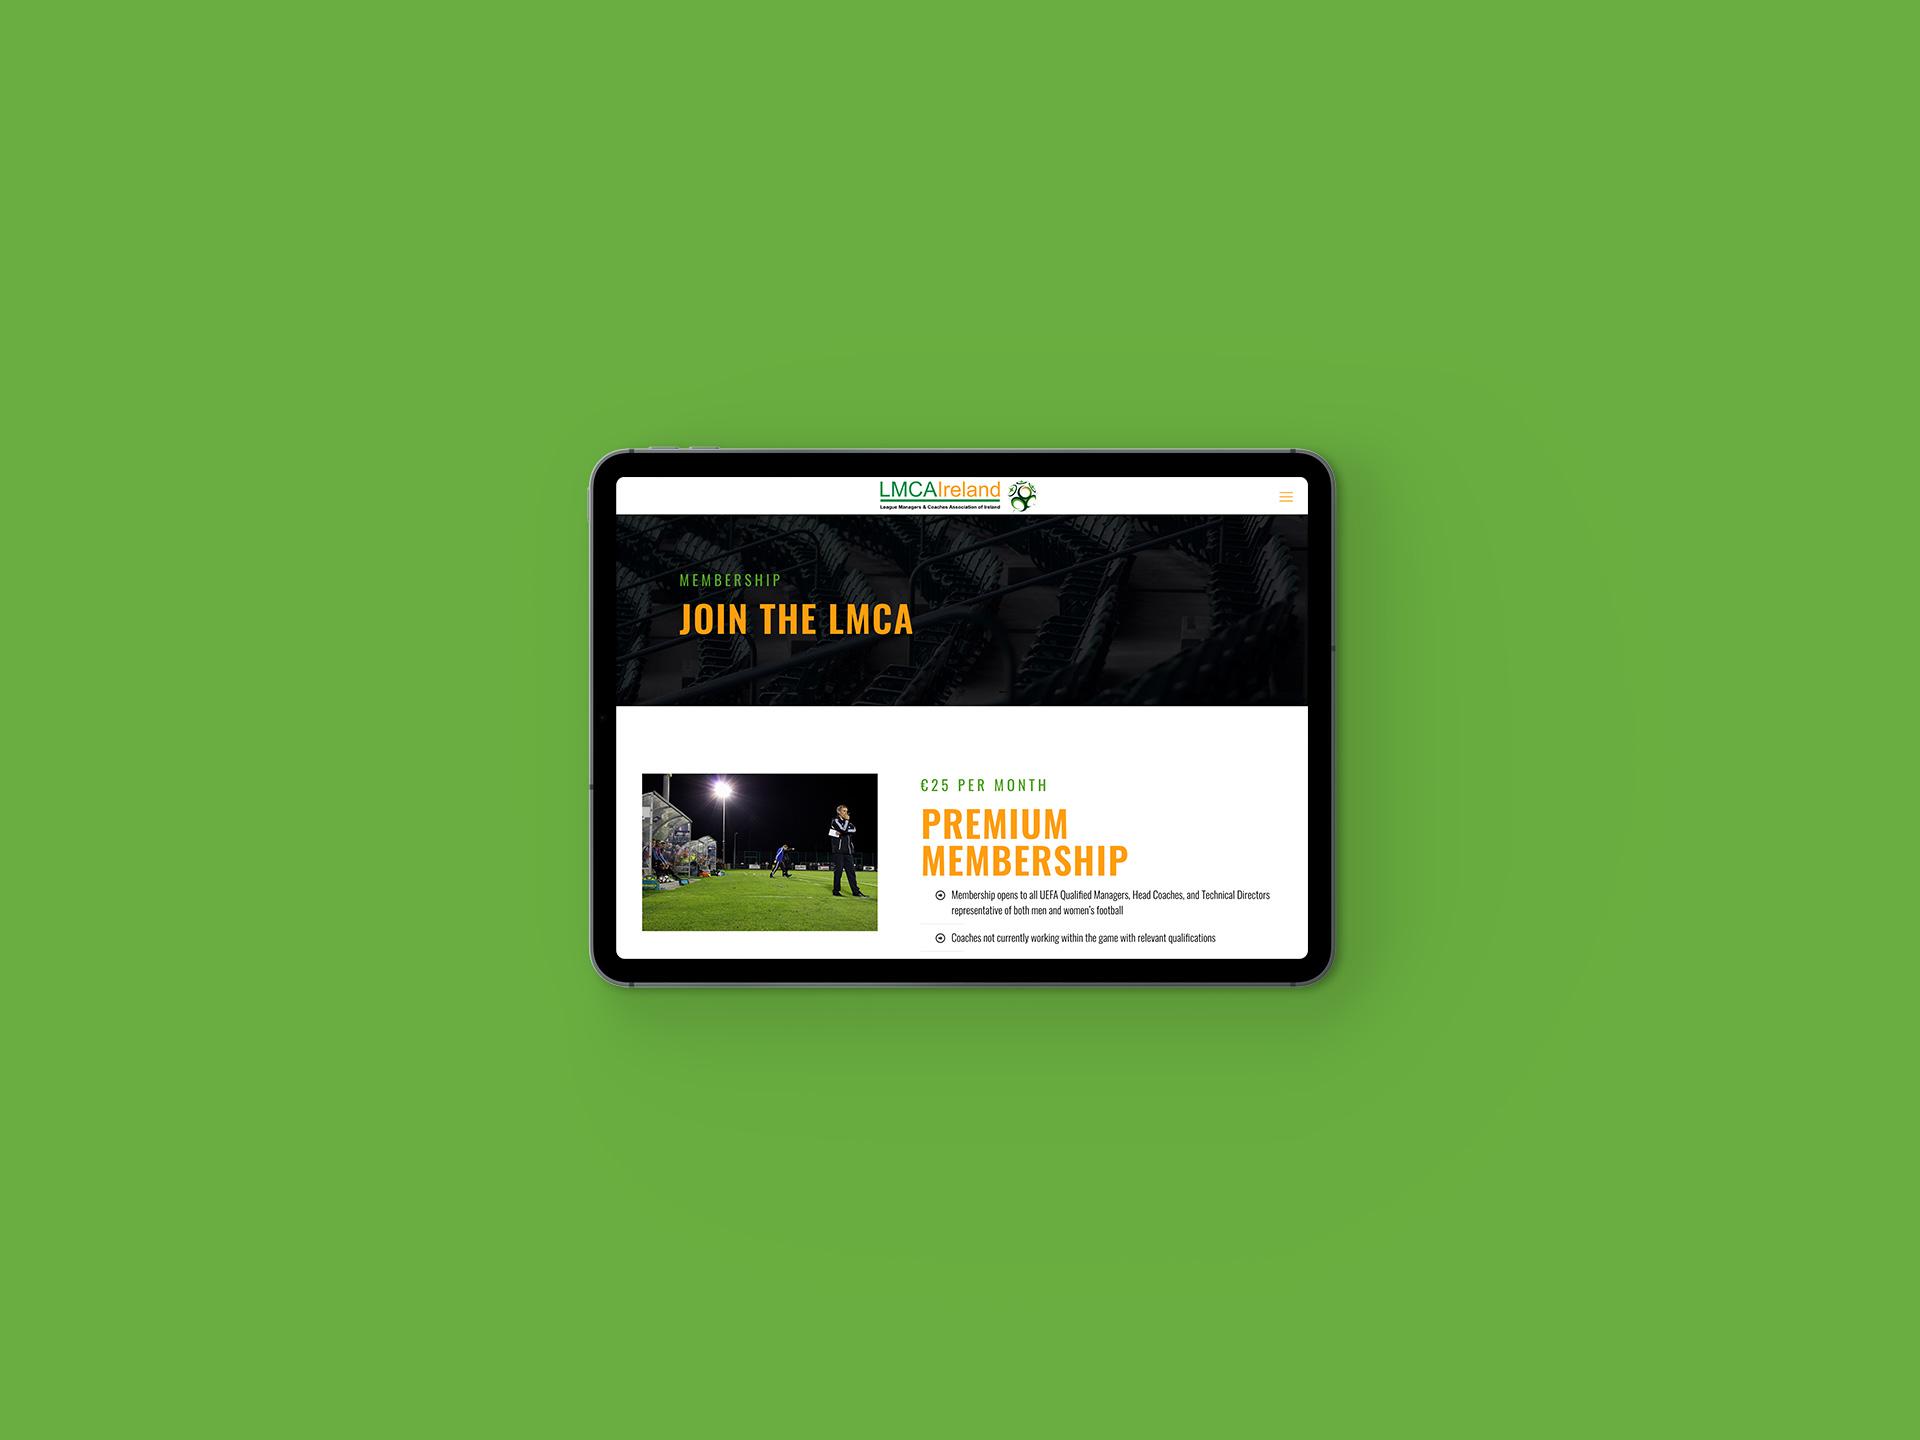 LMCA Website Membership